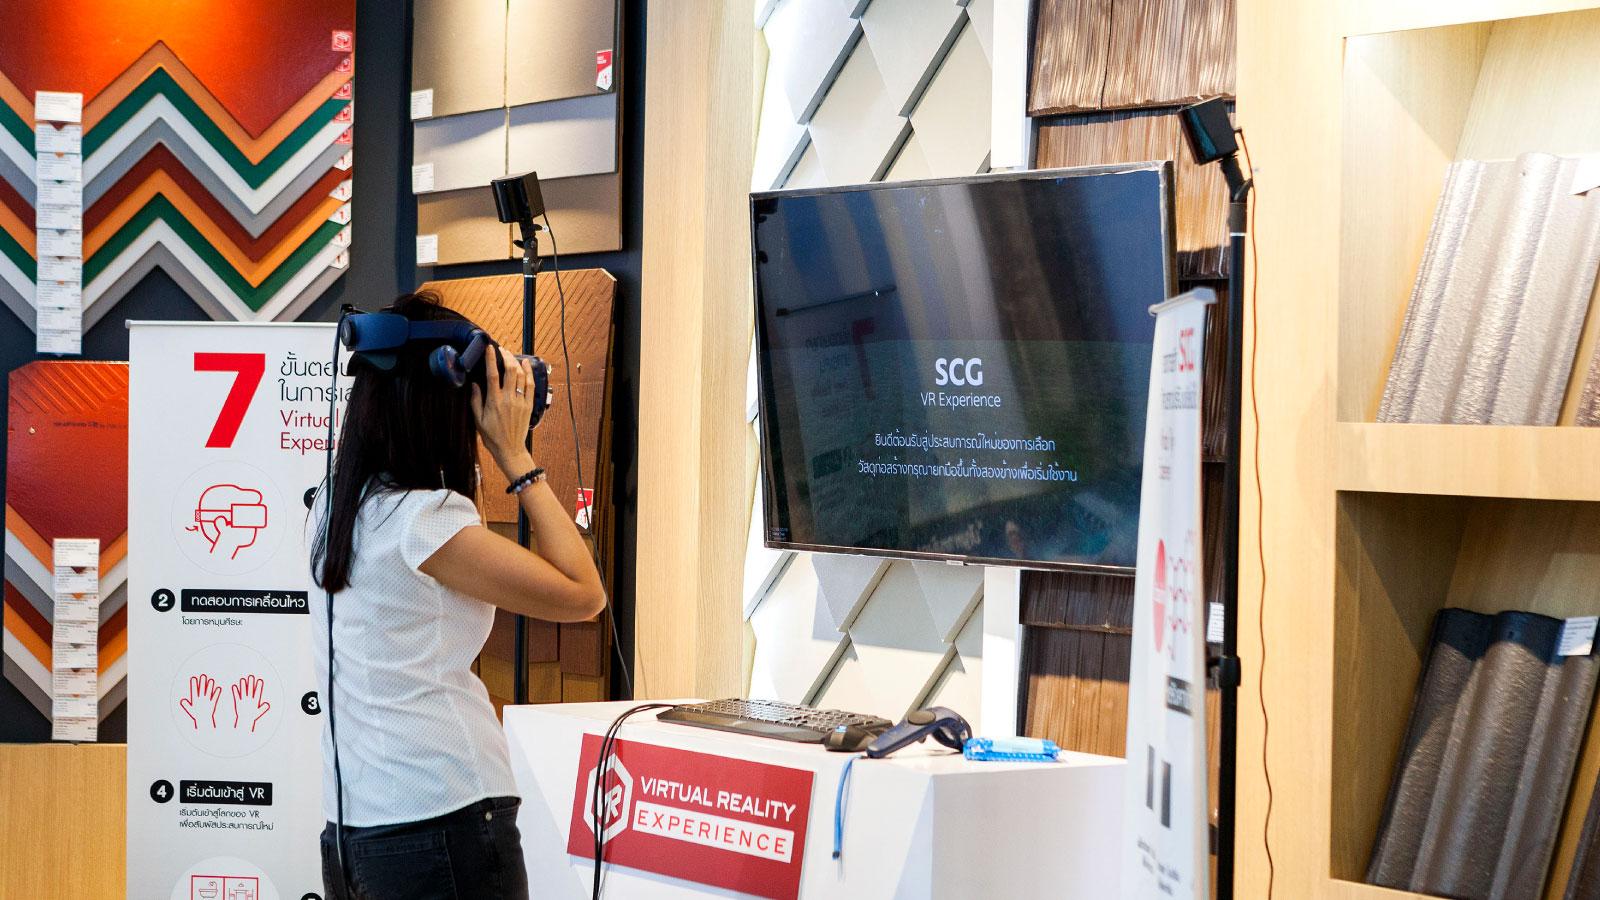 การใช้งาน VR เพื่อการออกแบบ